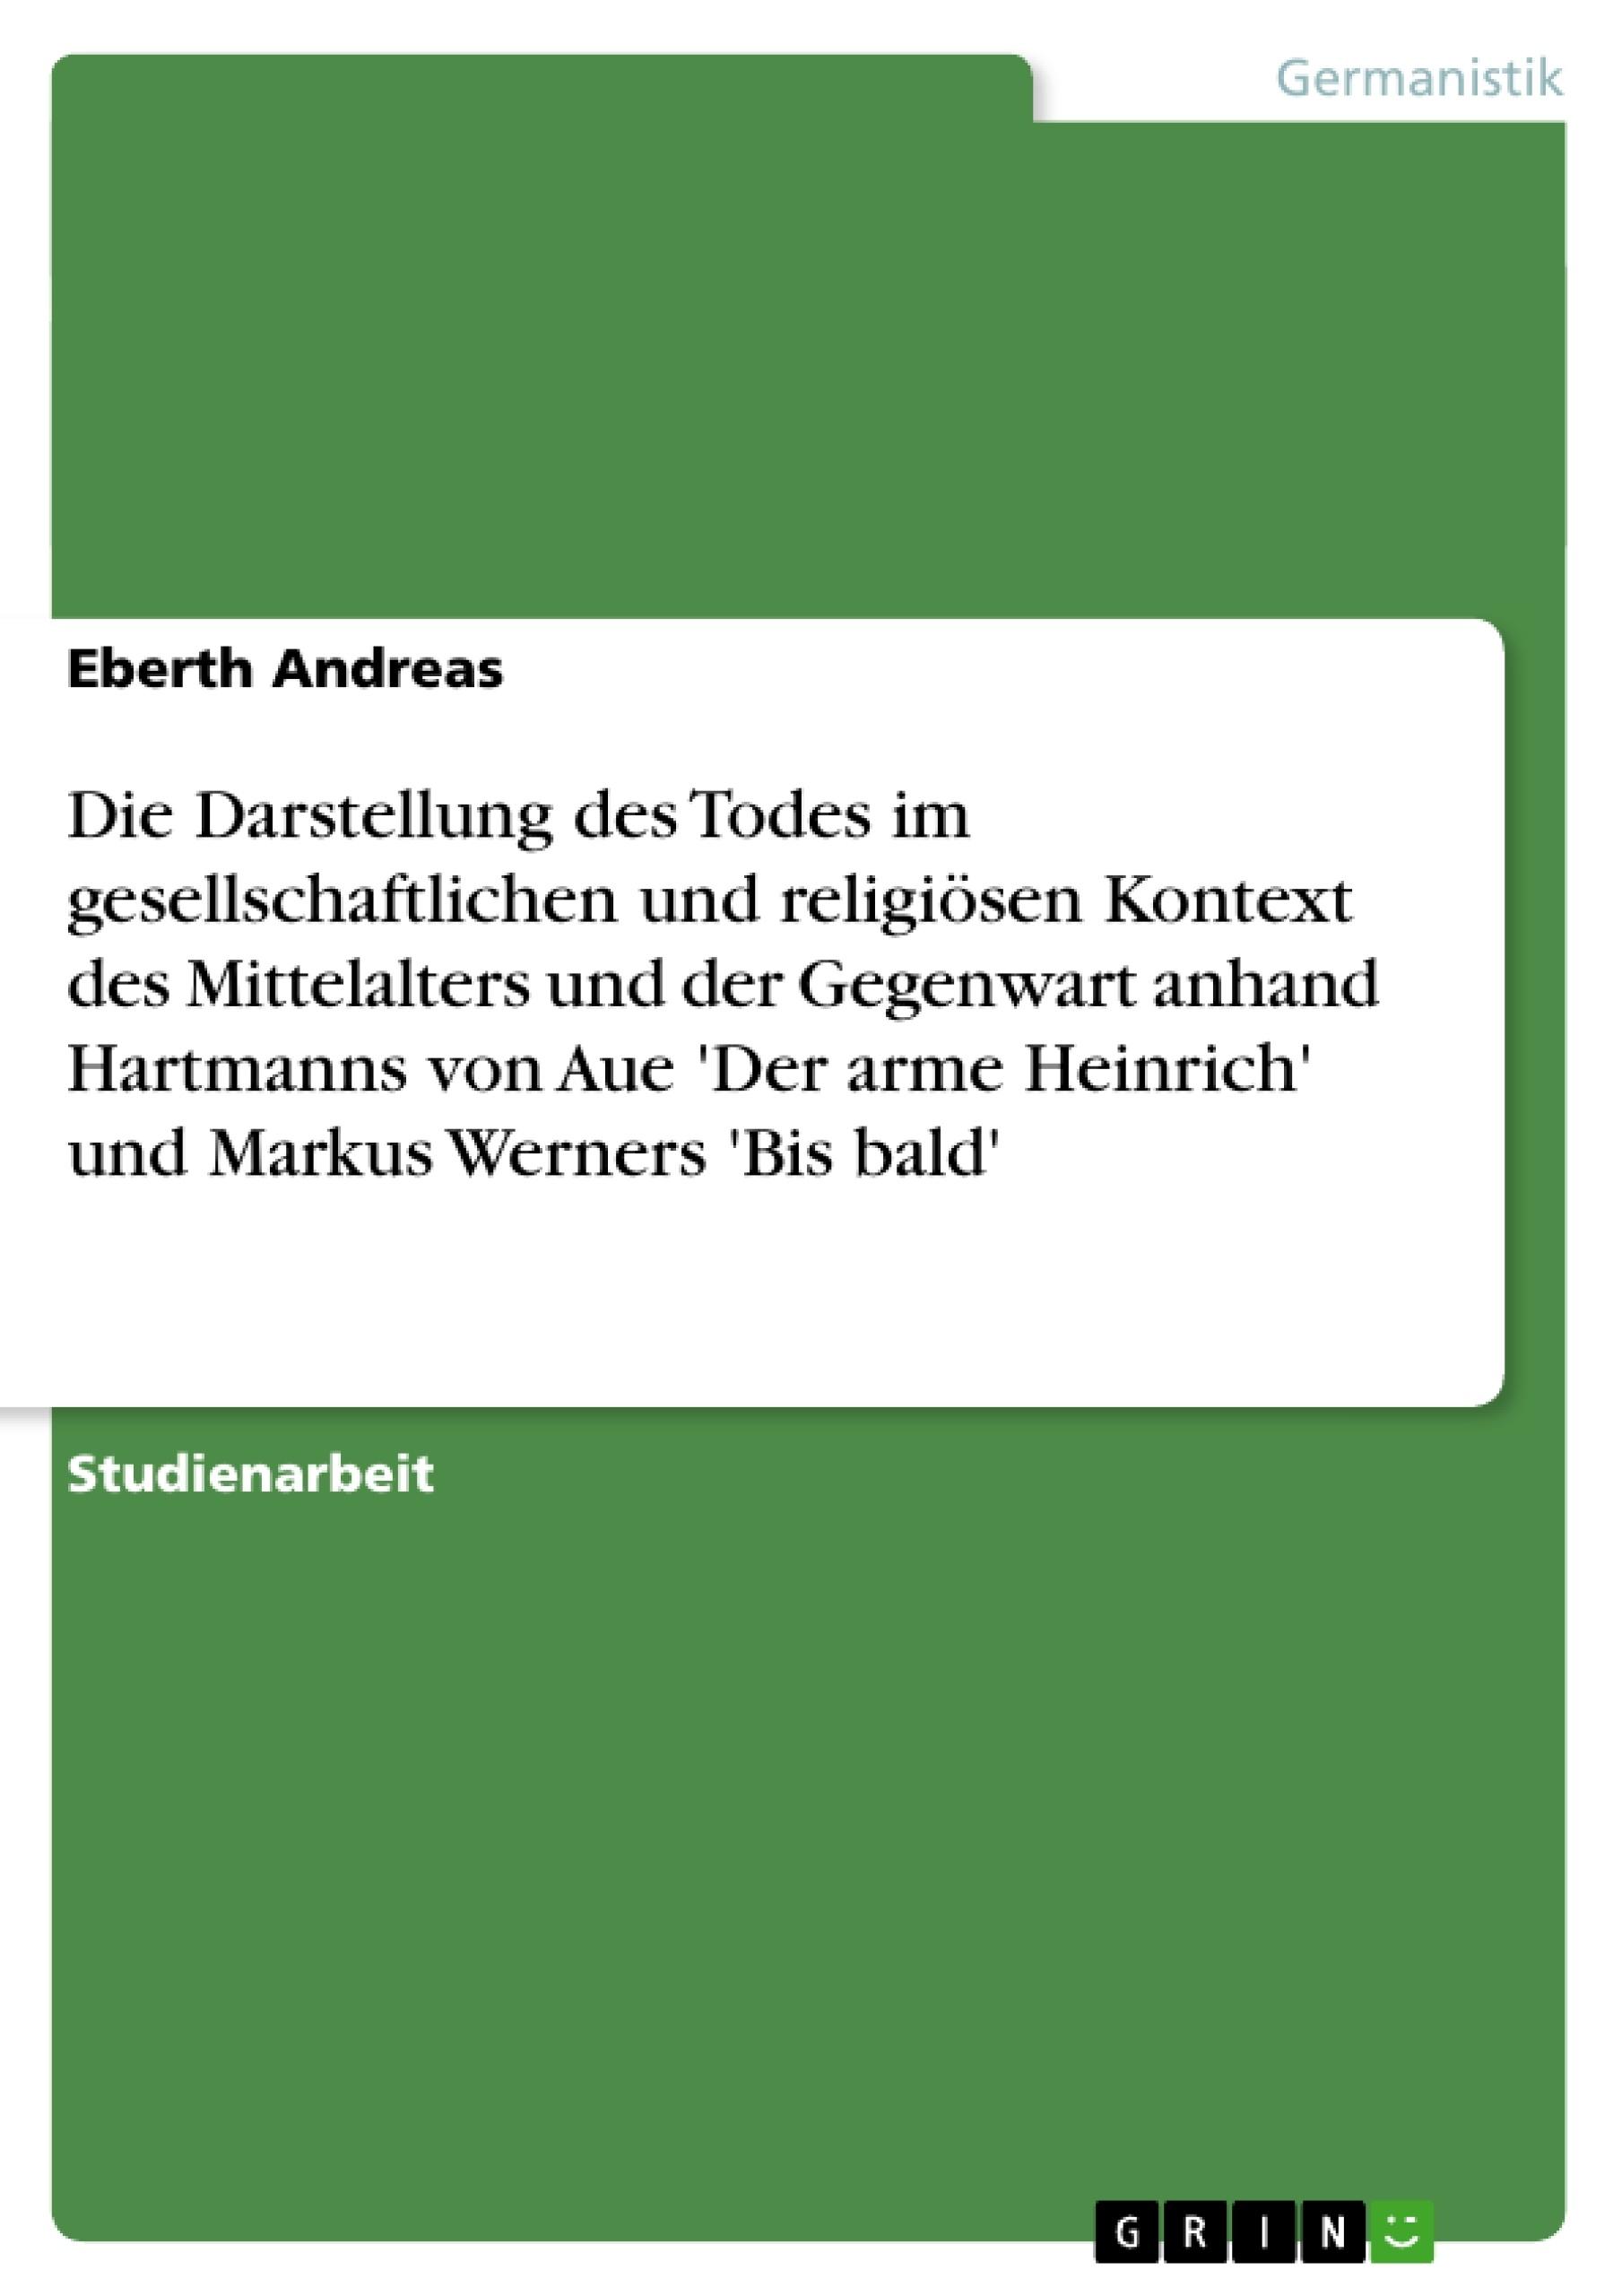 Titel: Die Darstellung des Todes im gesellschaftlichen und religiösen Kontext des Mittelalters und der Gegenwart anhand Hartmanns von Aue 'Der arme Heinrich' und Markus Werners 'Bis bald'